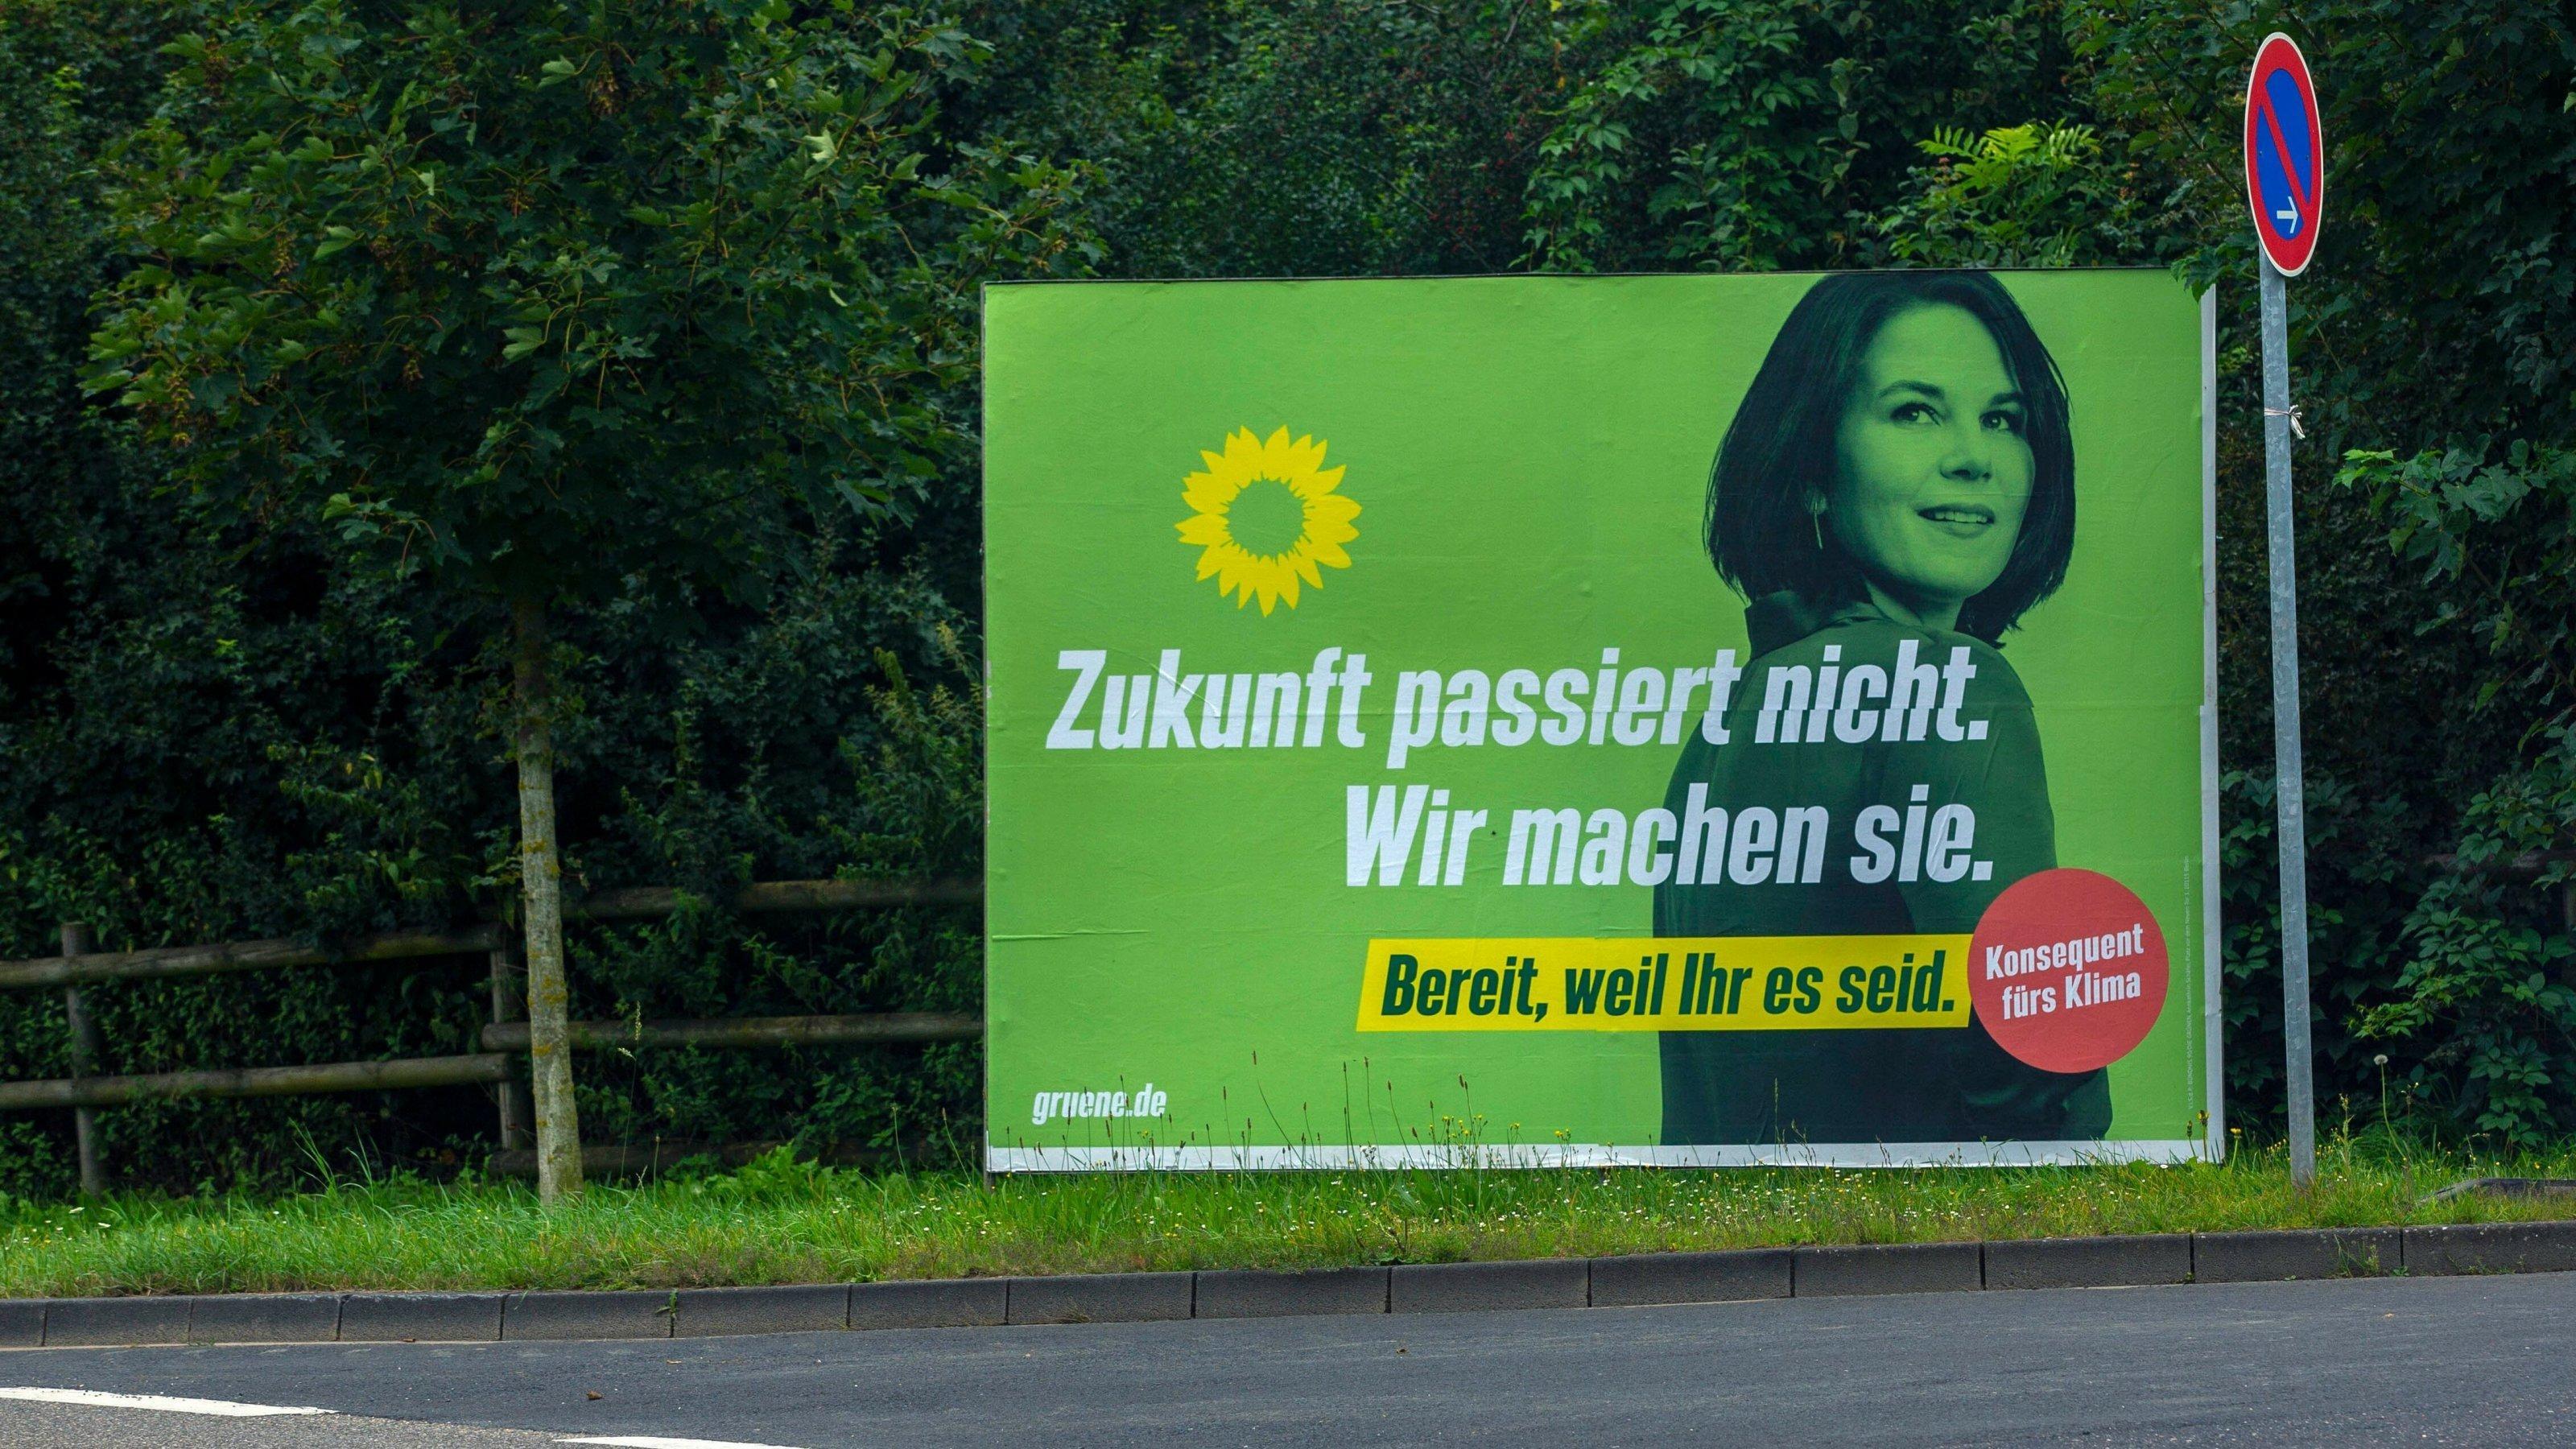 """Das Plakat der  Partei Die Grünen mit einem Porträt von Annalena Baerbock und dem Slogan """"Zukunft passiert nicht, wir machen sie""""."""